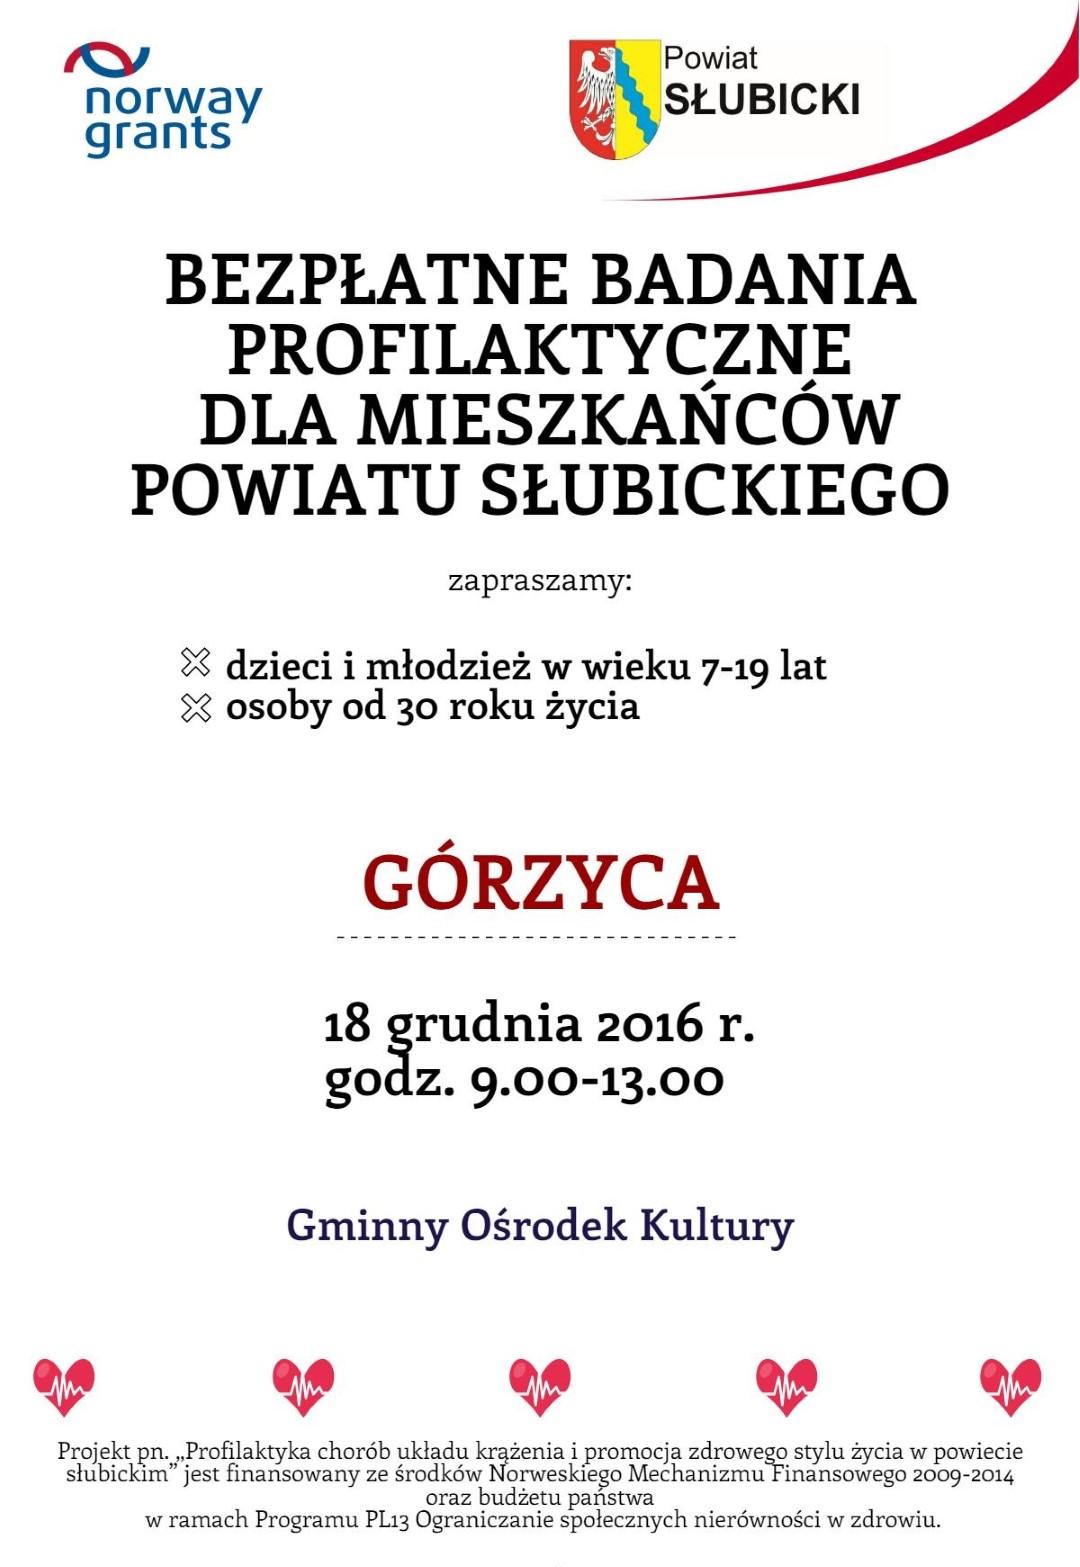 You are browsing images from the article: Bezp³atne Badania Profilaktyczne w Górzycy!